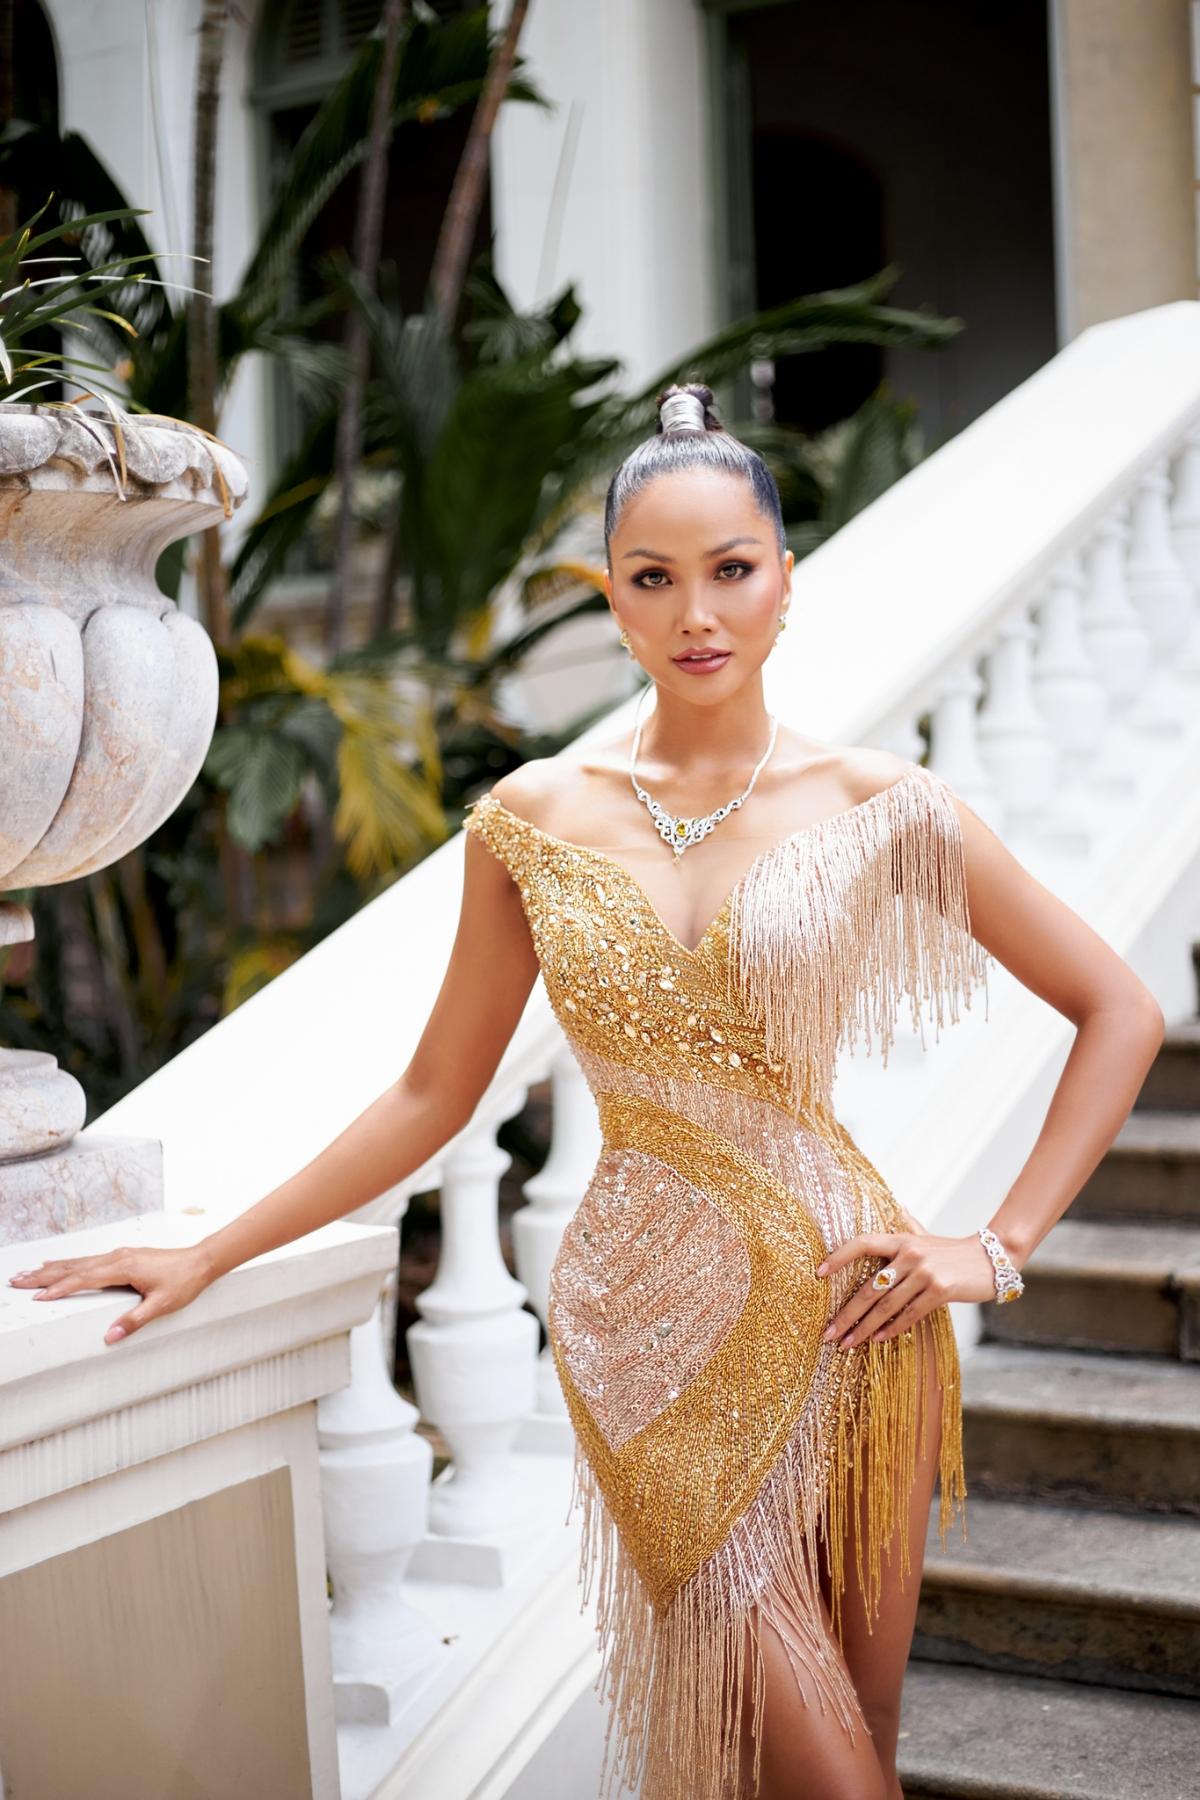 Mới đây, tham dự một sự kiện thời trang, Hoa hậu H'Hen Niê khiến khán giả bất ngờ khi xuất hiện với diện mạo xinh đẹp do chính cô tự trang điểm.